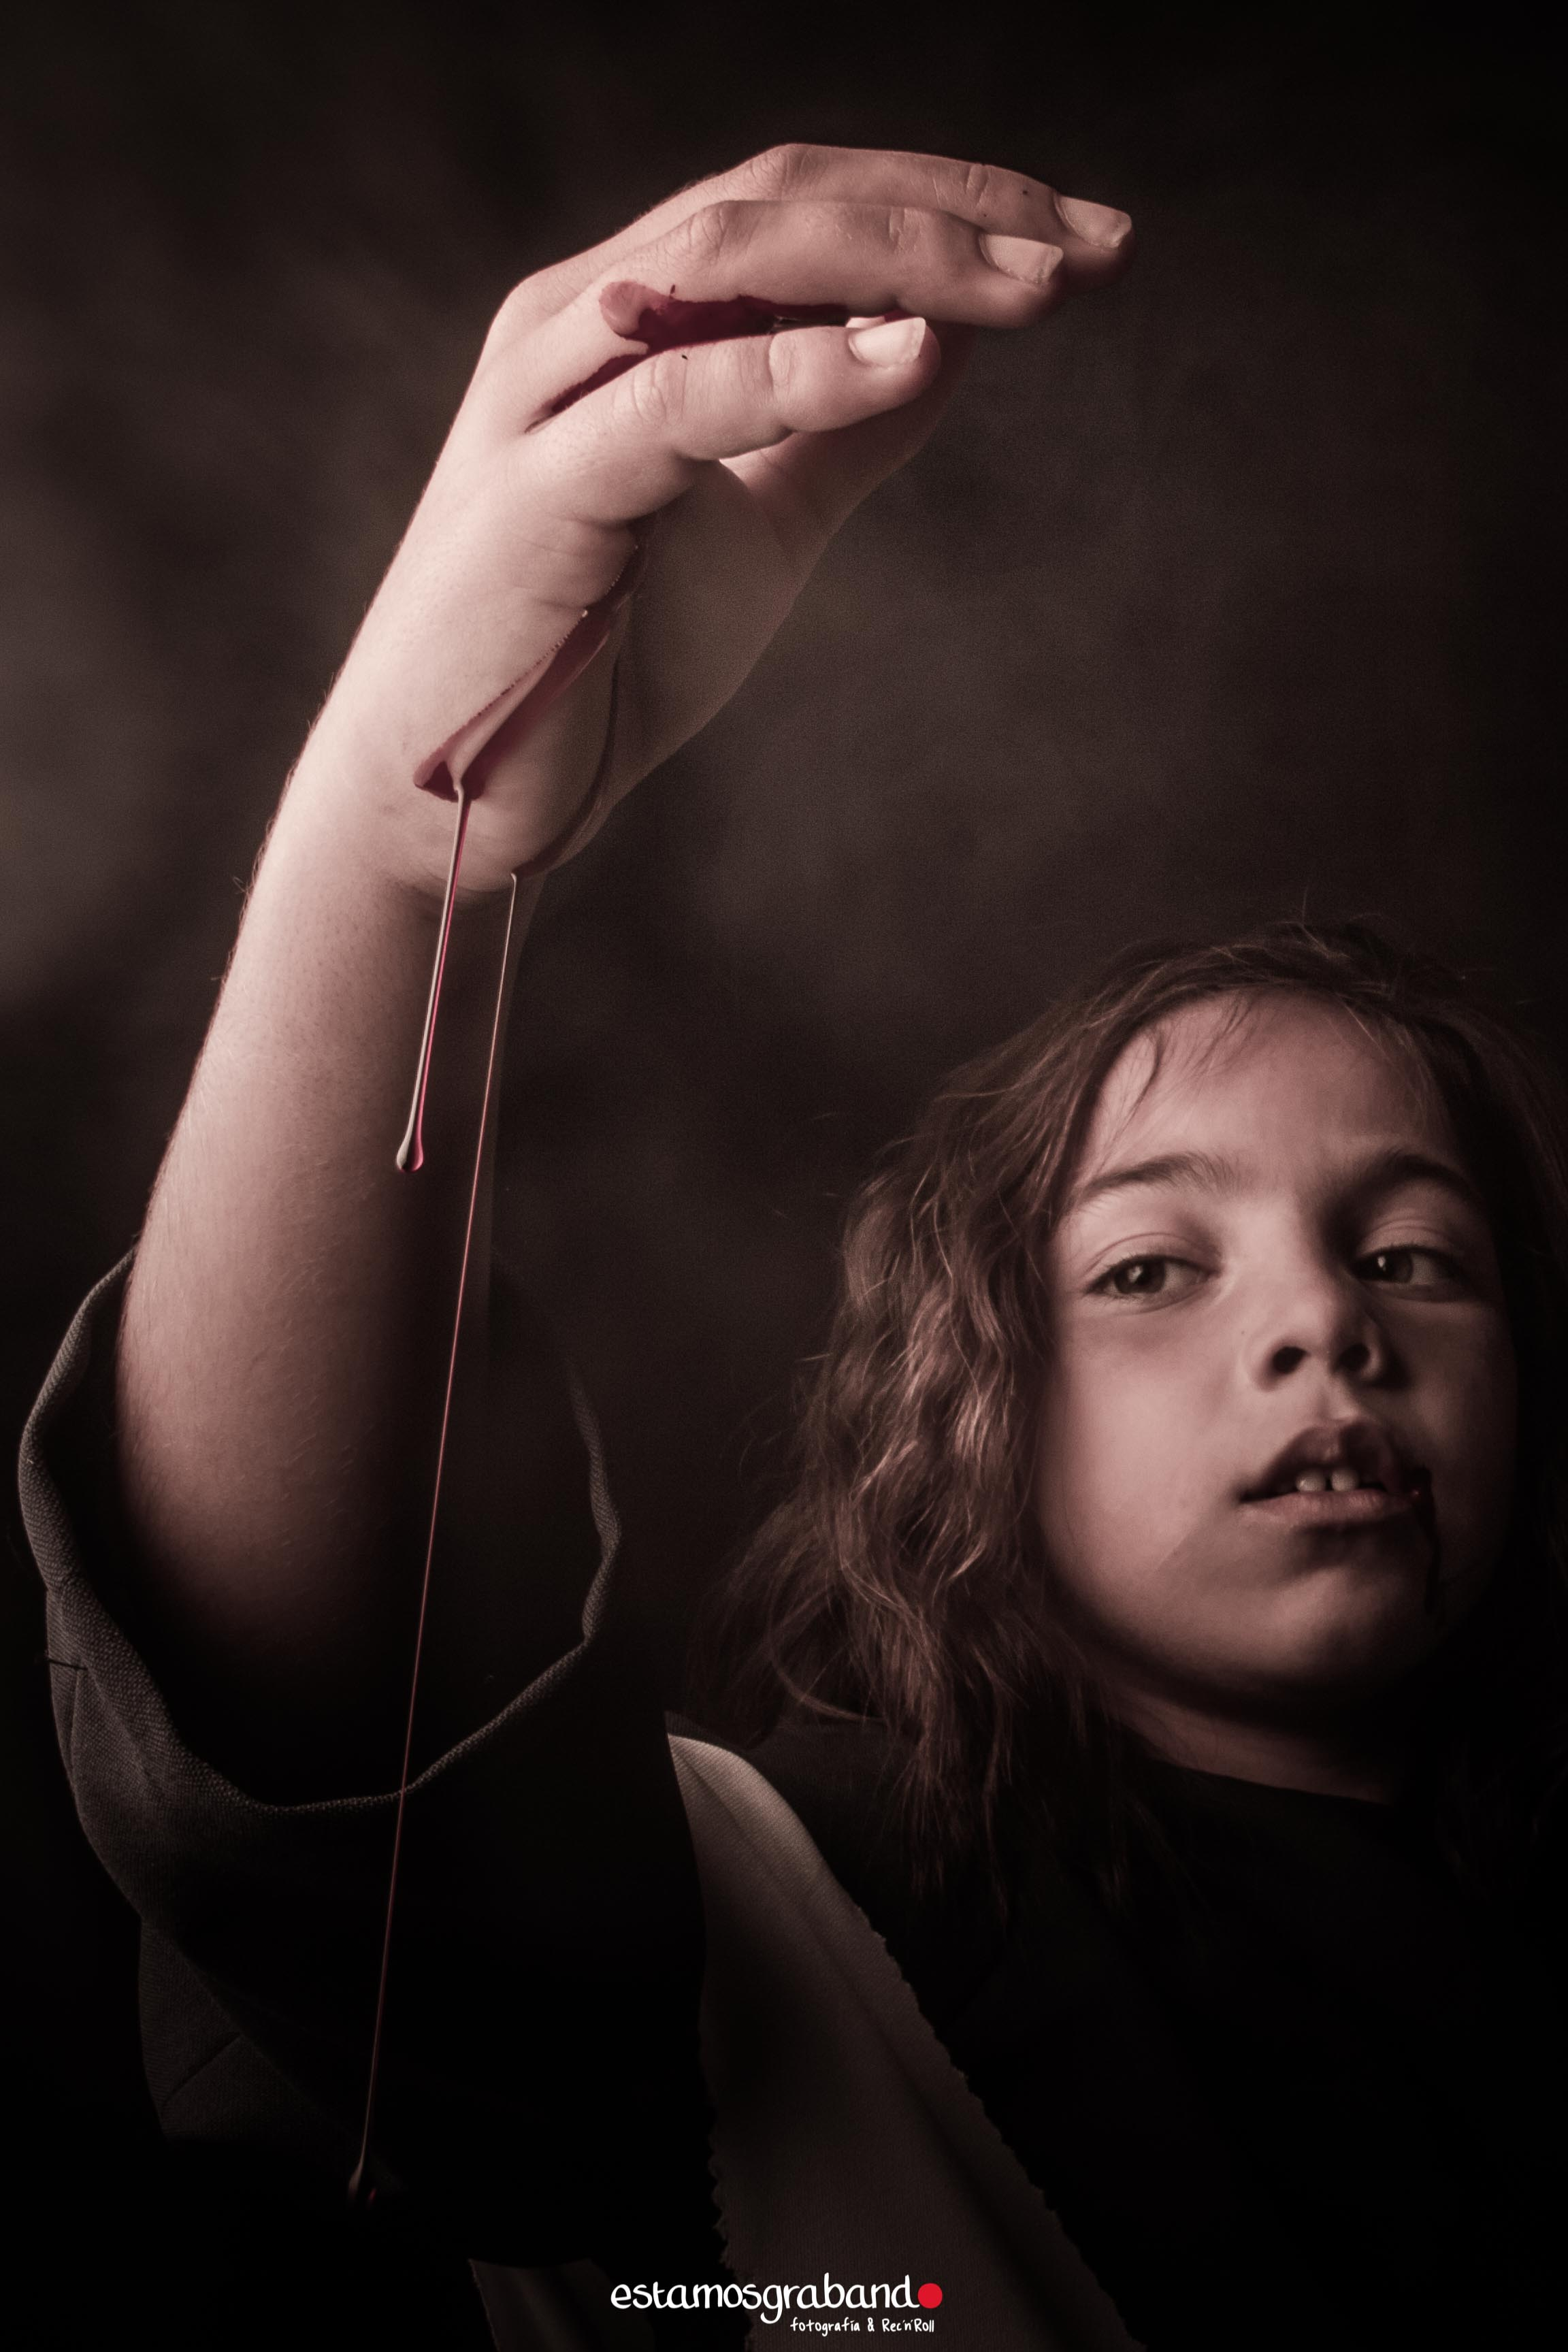 Halloween_estamosgrabando-41 Sesiones Terroríficas Volumen I_Fotografía Halloween - video boda cadiz